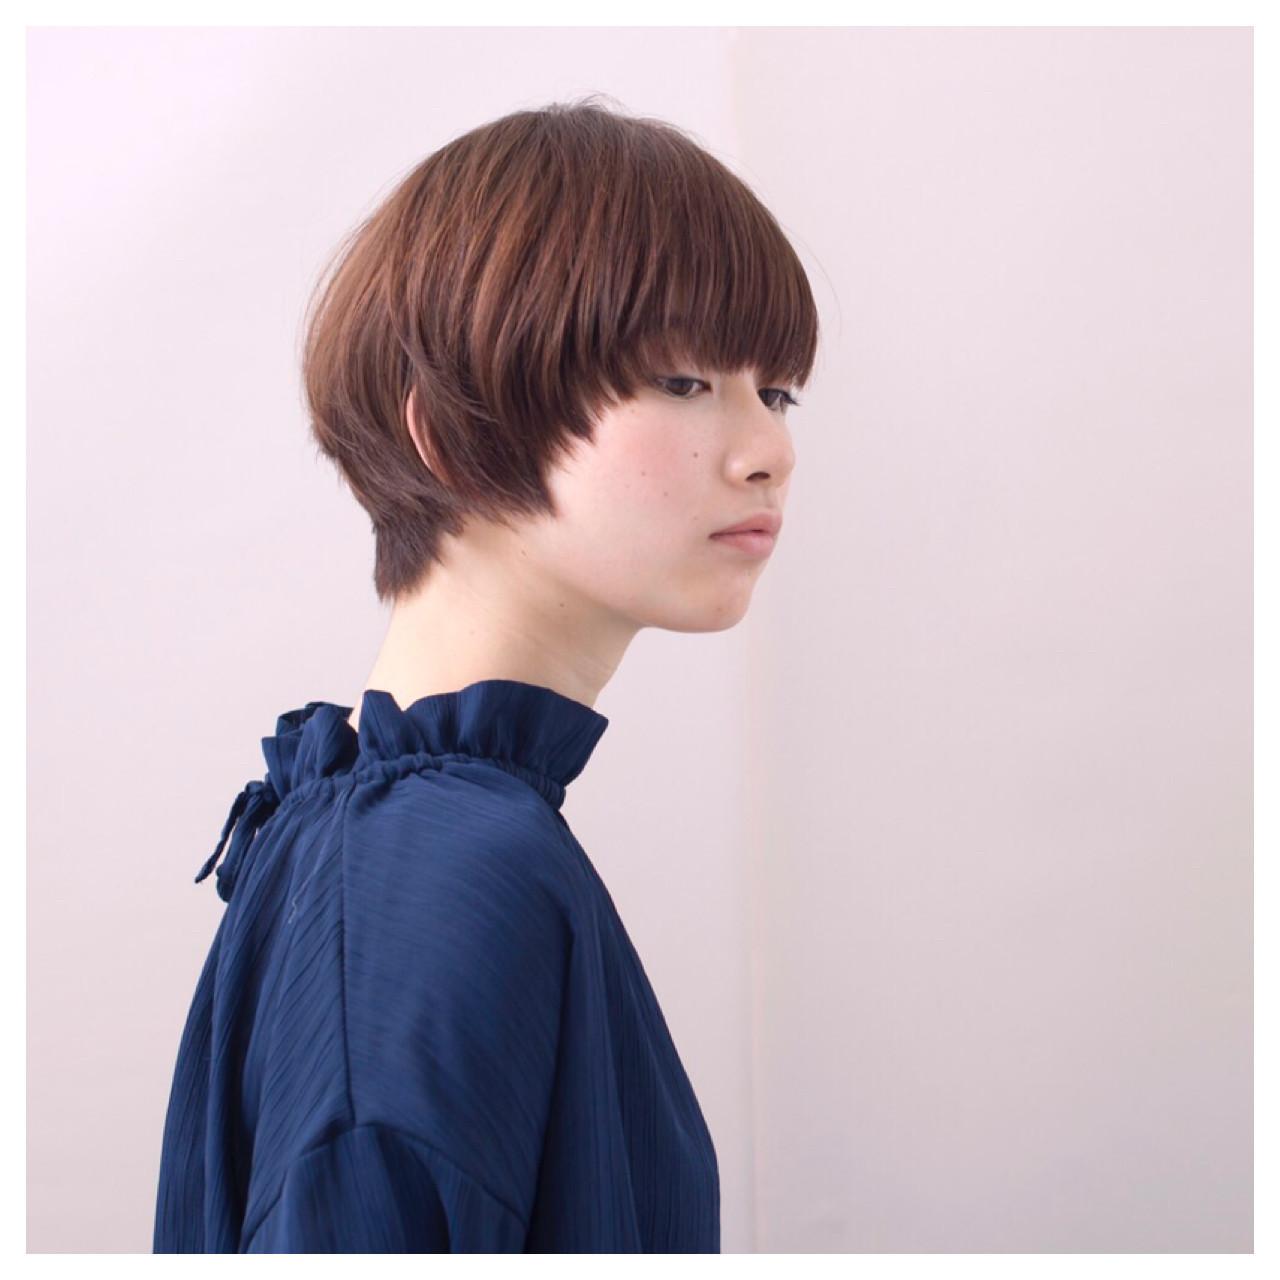 マッシュ 外国人風 ガーリー マニッシュ ヘアスタイルや髪型の写真・画像